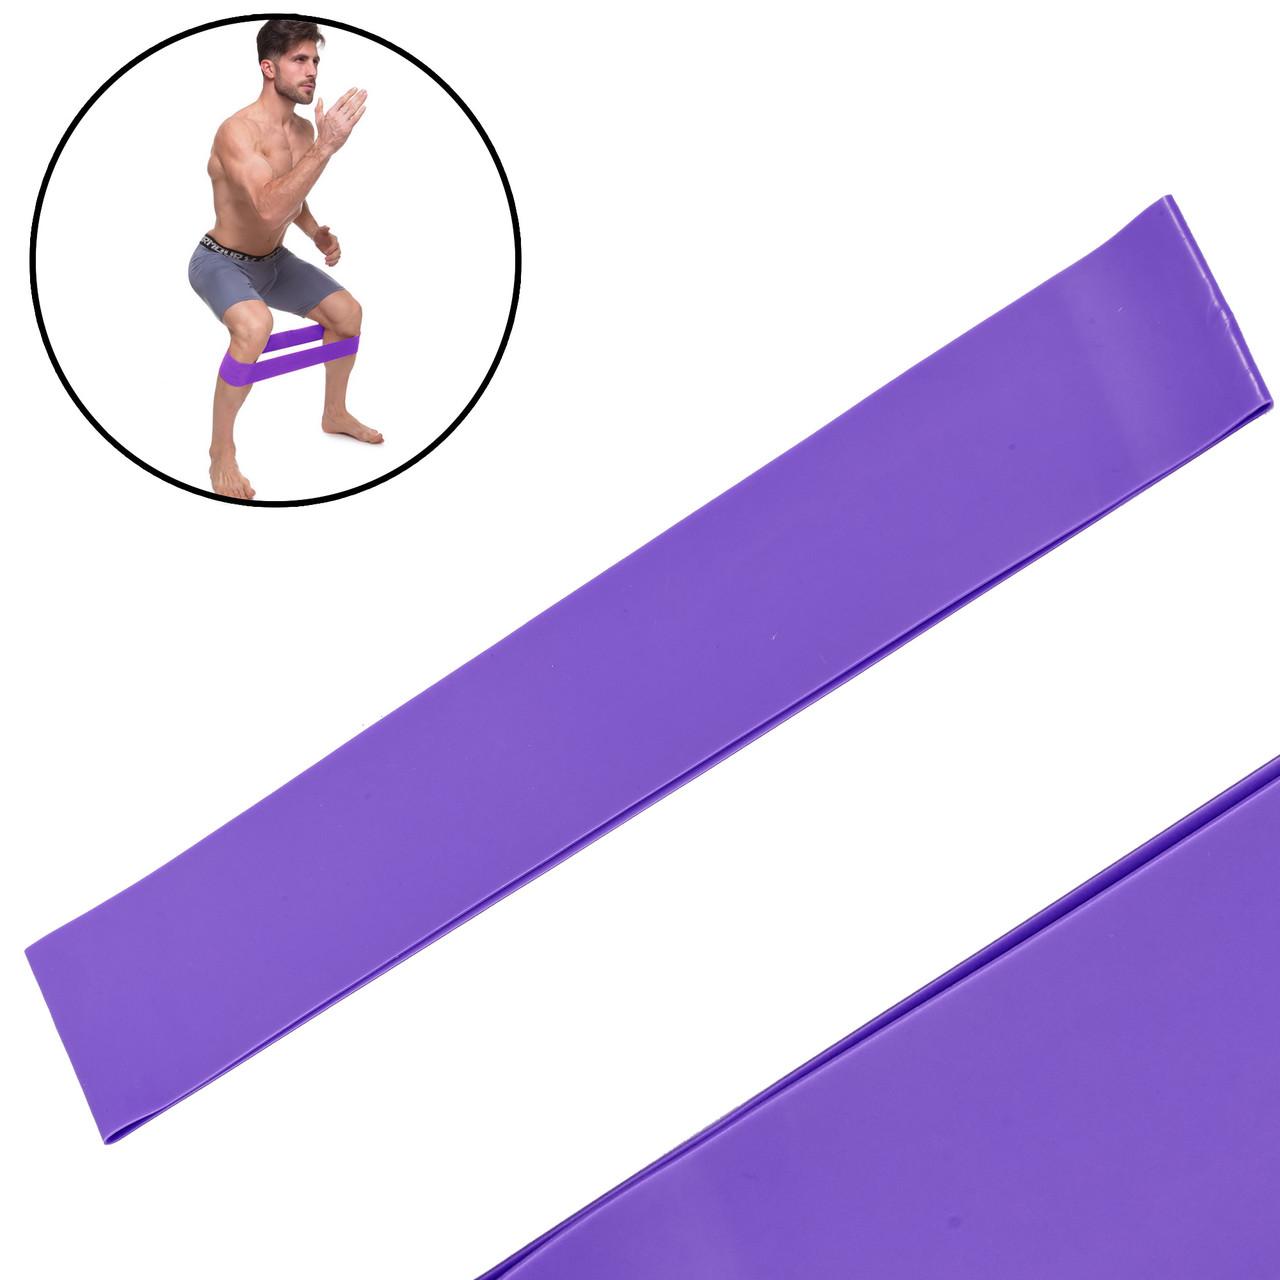 Лента сопротивления LOOP BANDS LB-001-V (силикон, размер 600x60x0,6мм, жесткость S, фиолетовый)